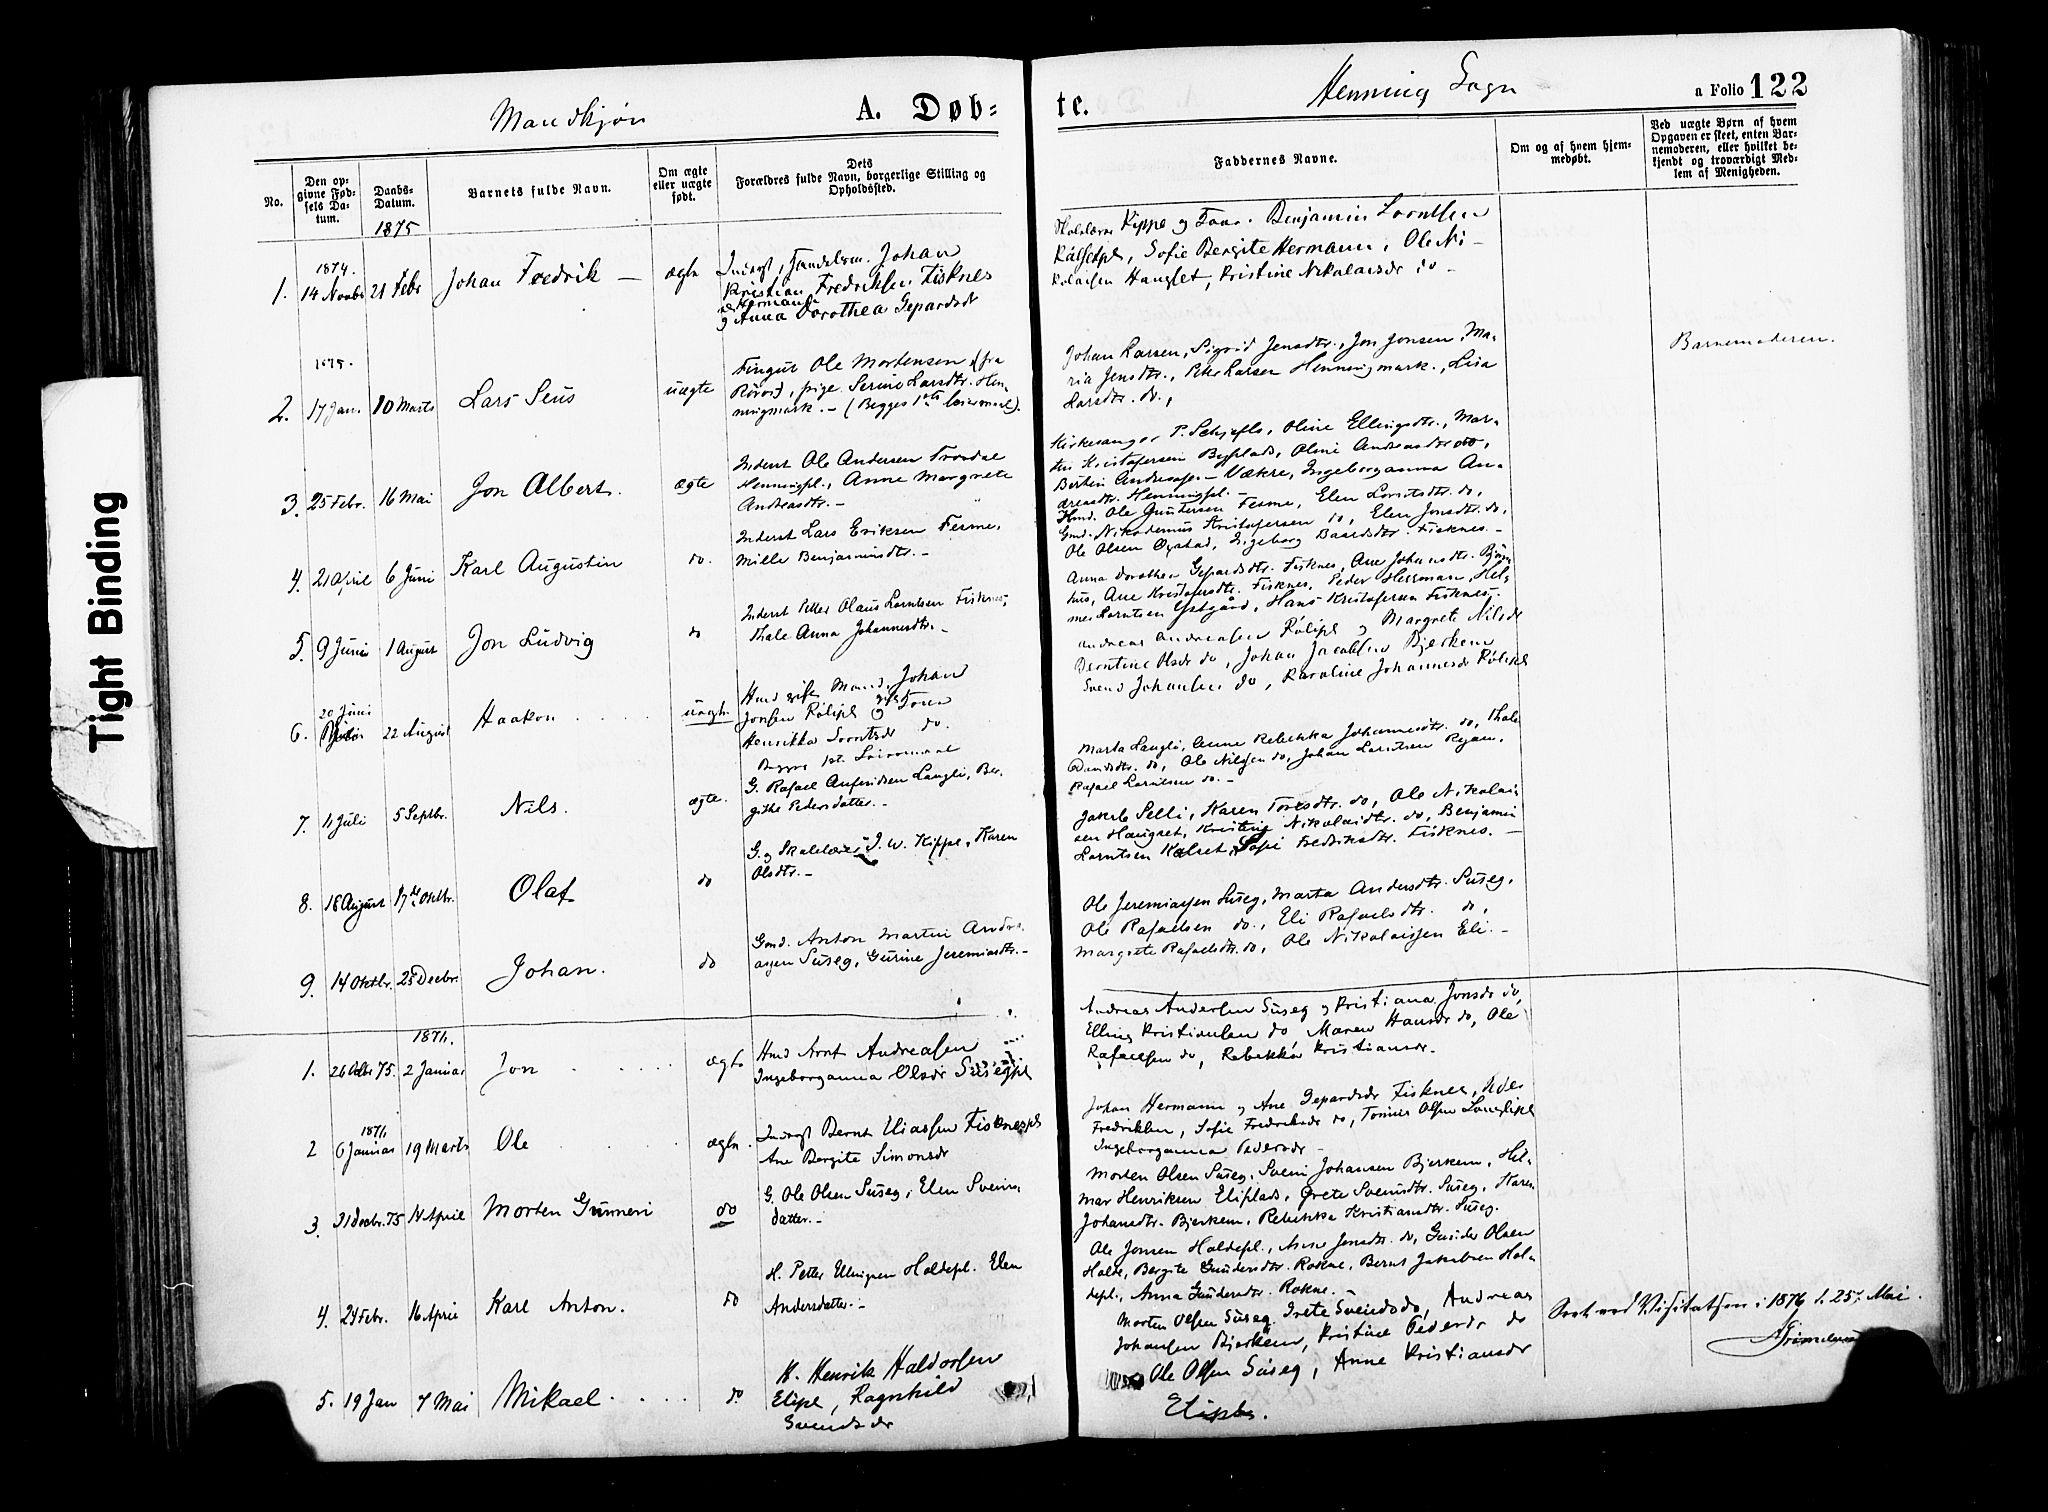 SAT, Ministerialprotokoller, klokkerbøker og fødselsregistre - Nord-Trøndelag, 735/L0348: Ministerialbok nr. 735A09 /3, 1873-1883, s. 122